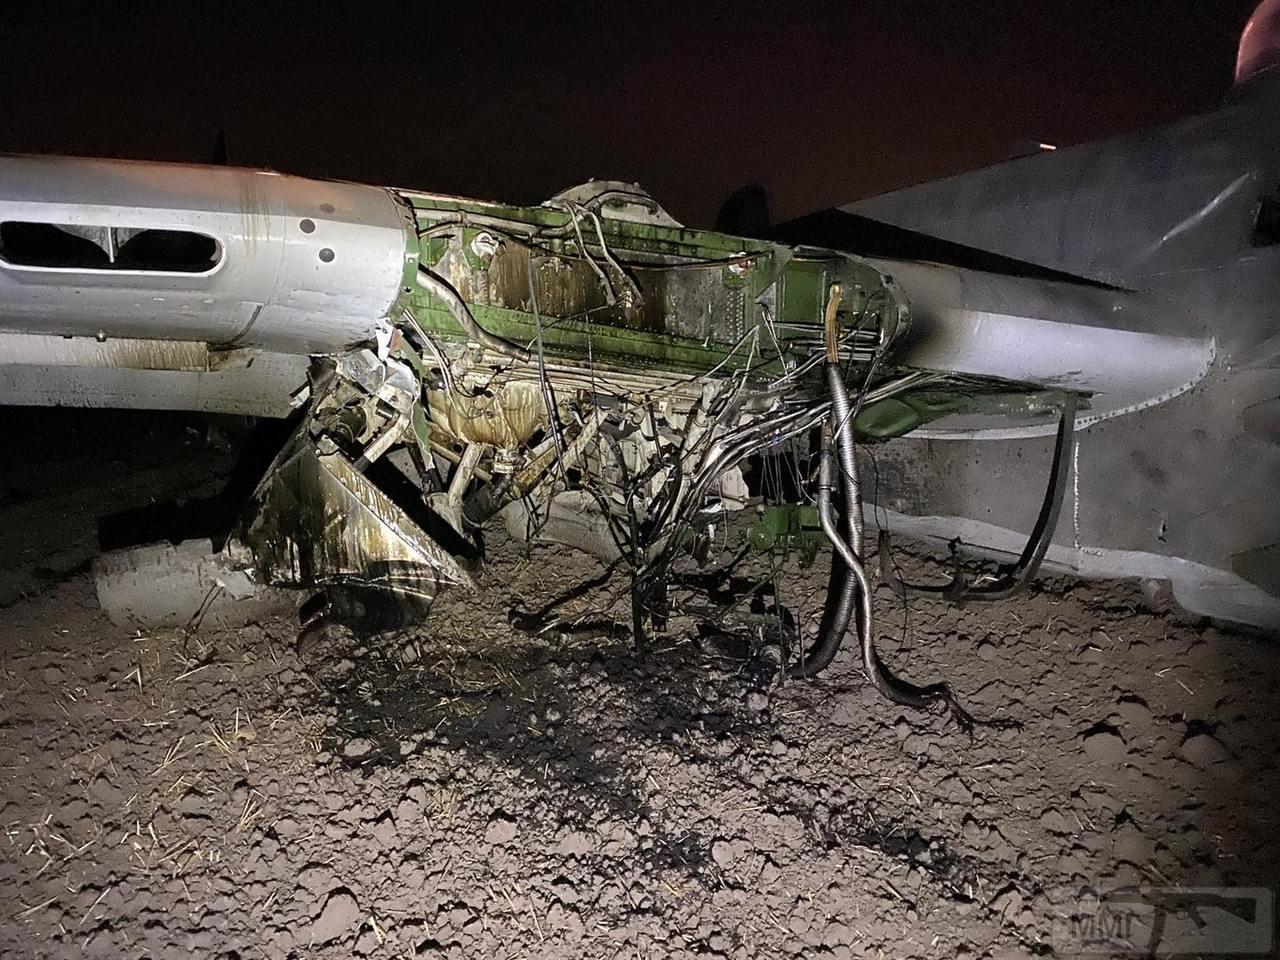 112227 - Авиация - восстановленное